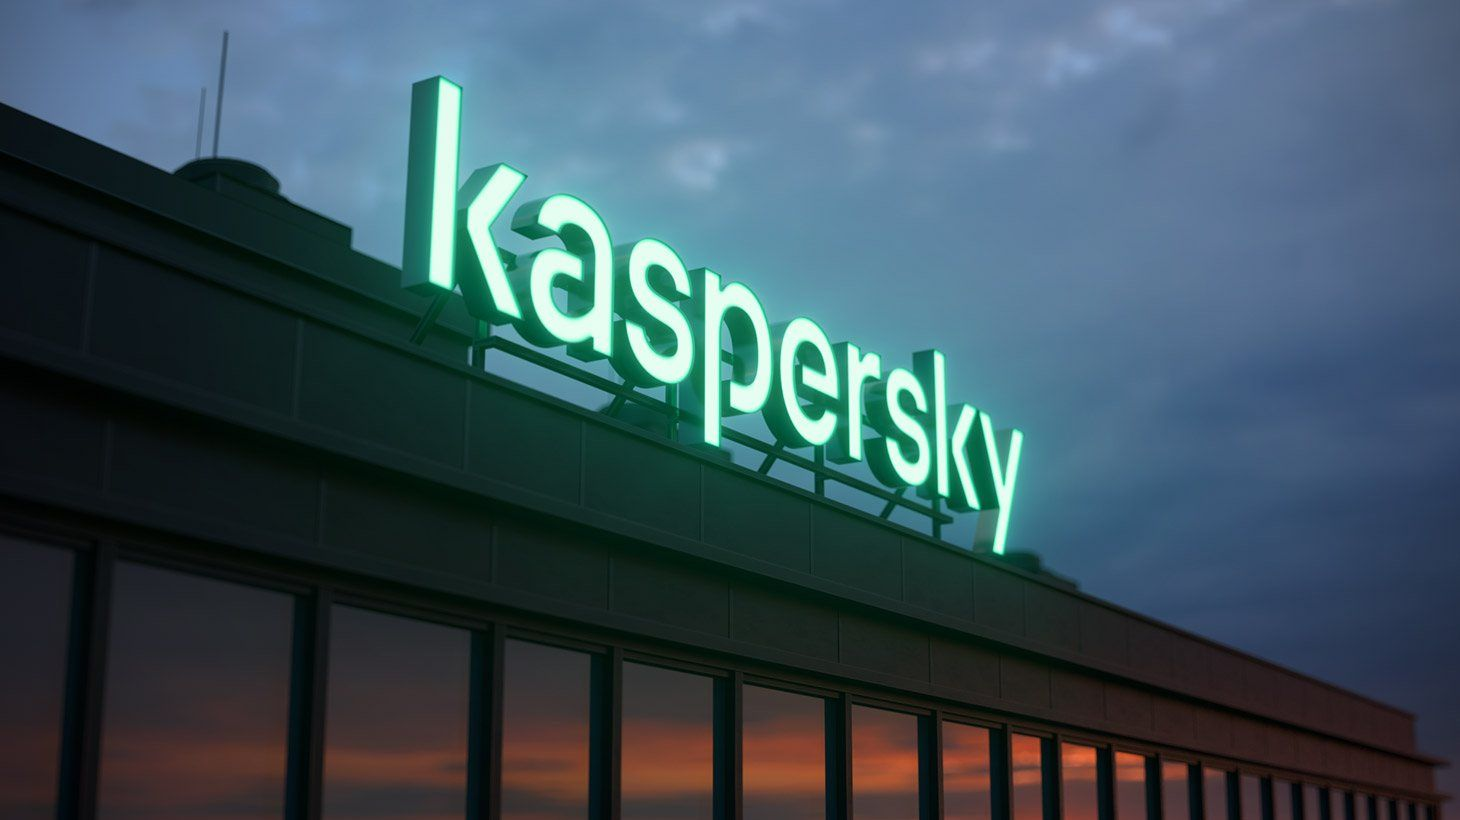 Il nuovo logo presso la sede centrale di Kaspersky.